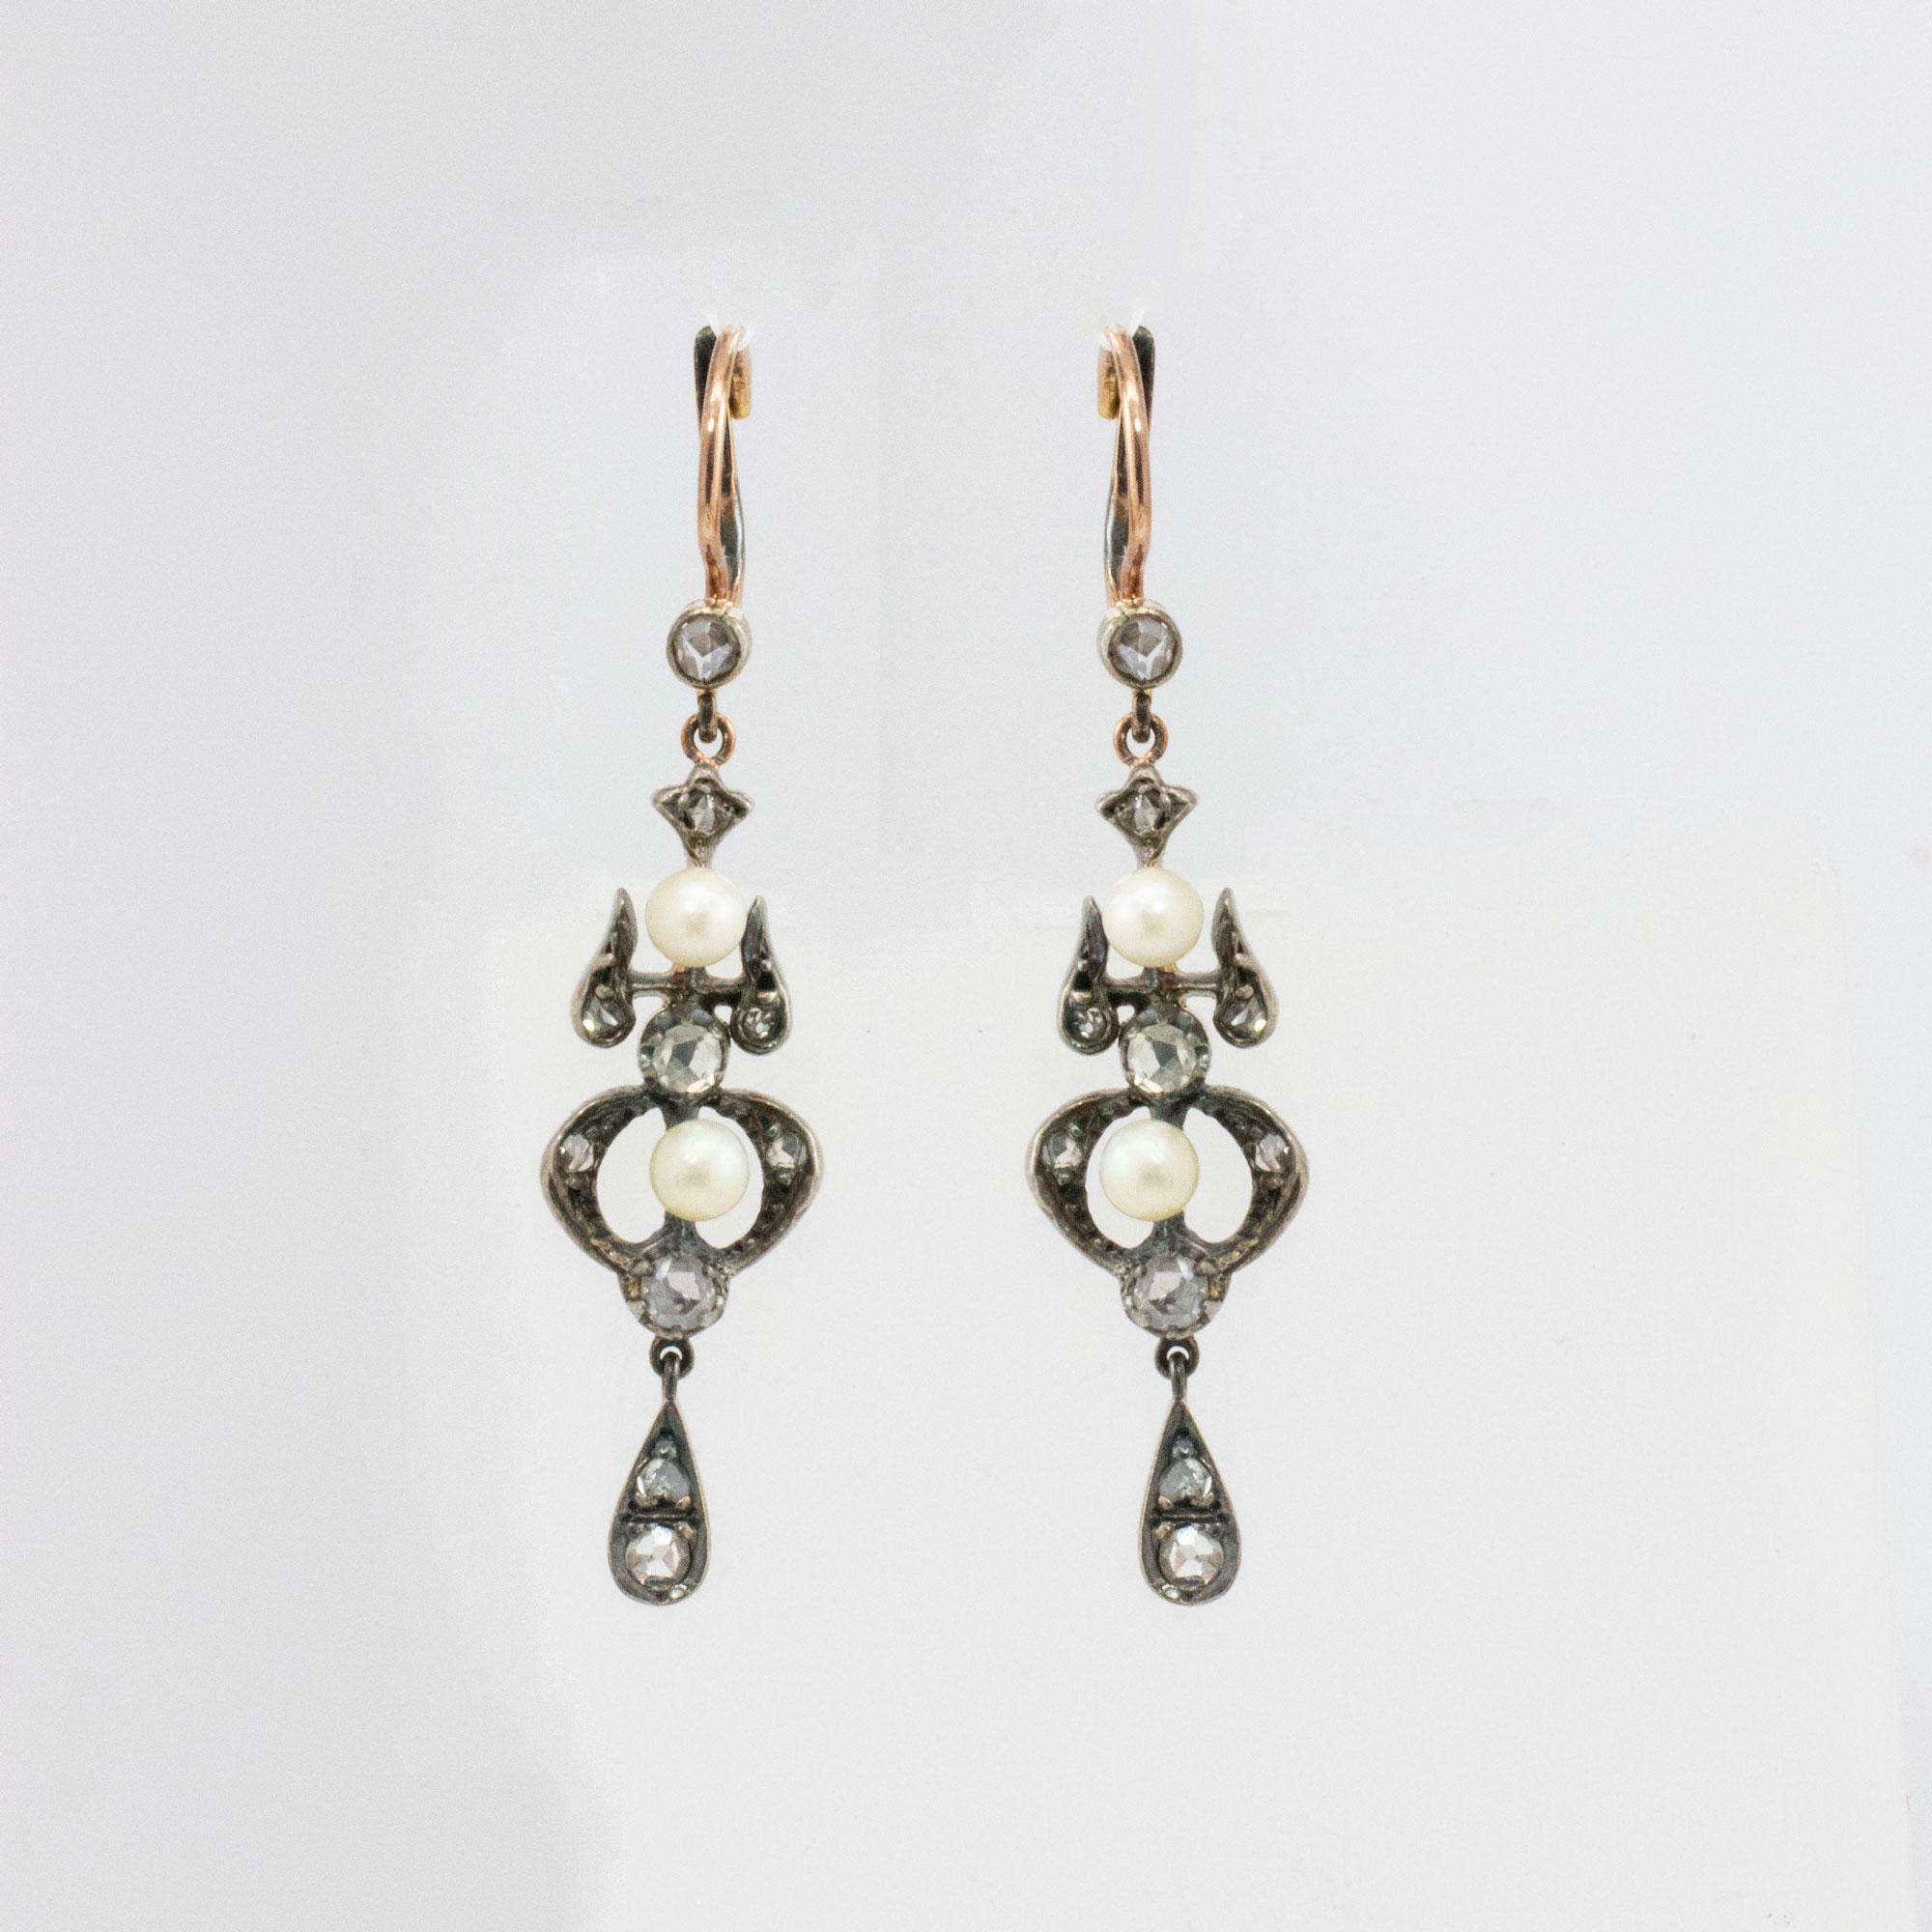 Vintage Vermeil Pearl Drop Earrings with Diamonds